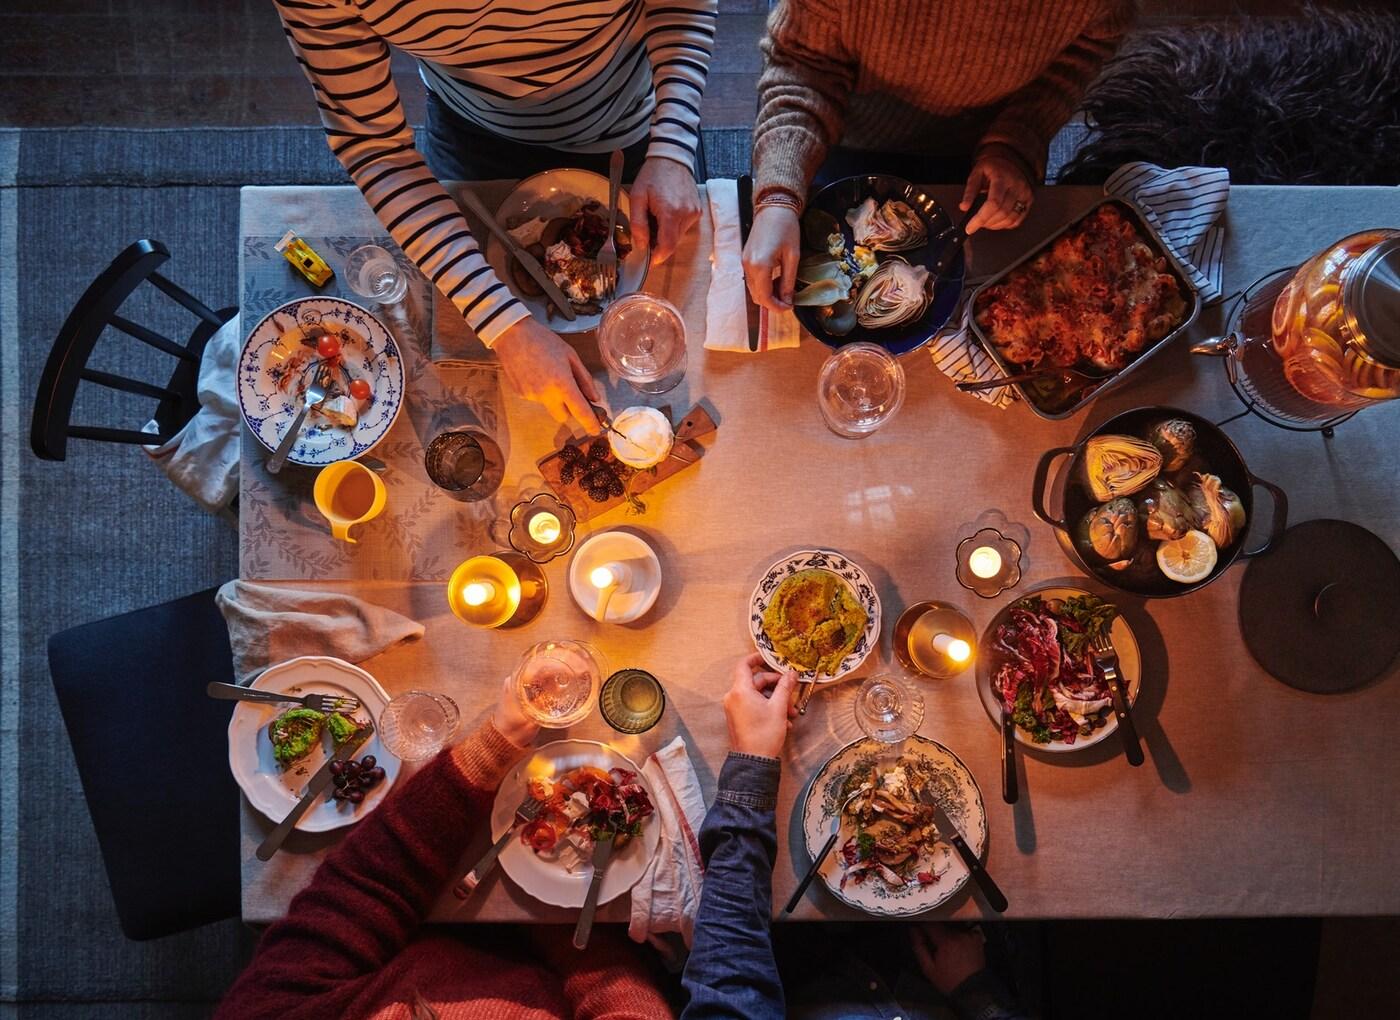 Blick von oben auf einen gedeckten Tisch mit einfarbiger Tischdecke, bunt gemischtem Geschirr und verschiedenen Kerzen